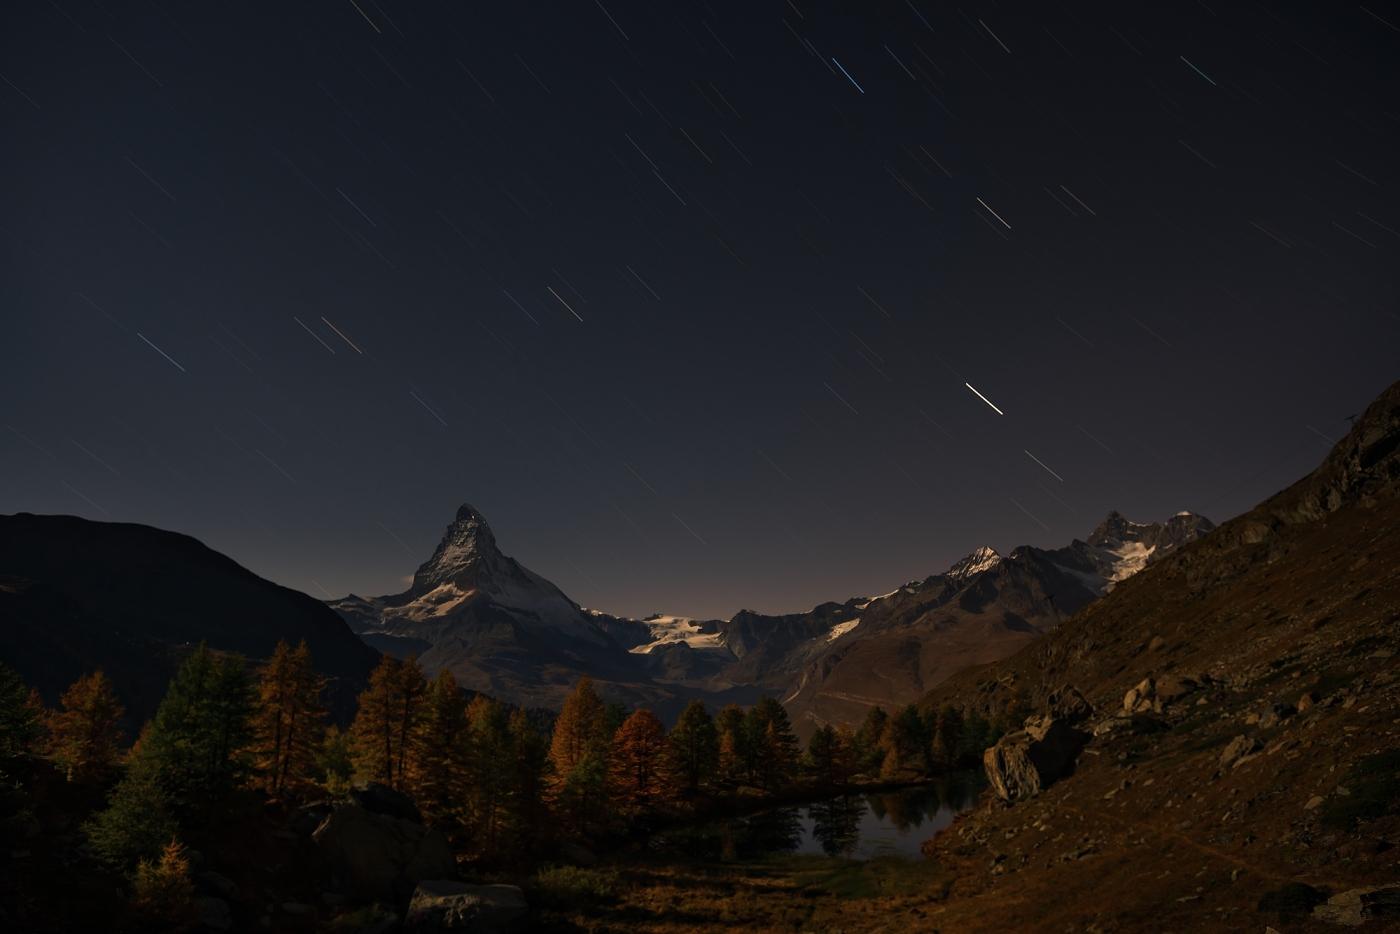 Noční Matterhorn, Walliské Alpy, Švýcarsko. D600, Nikon 17-35mm f/2,8 AF-S, clona f/5, čas 672 sekund, ohnisko 25 mm